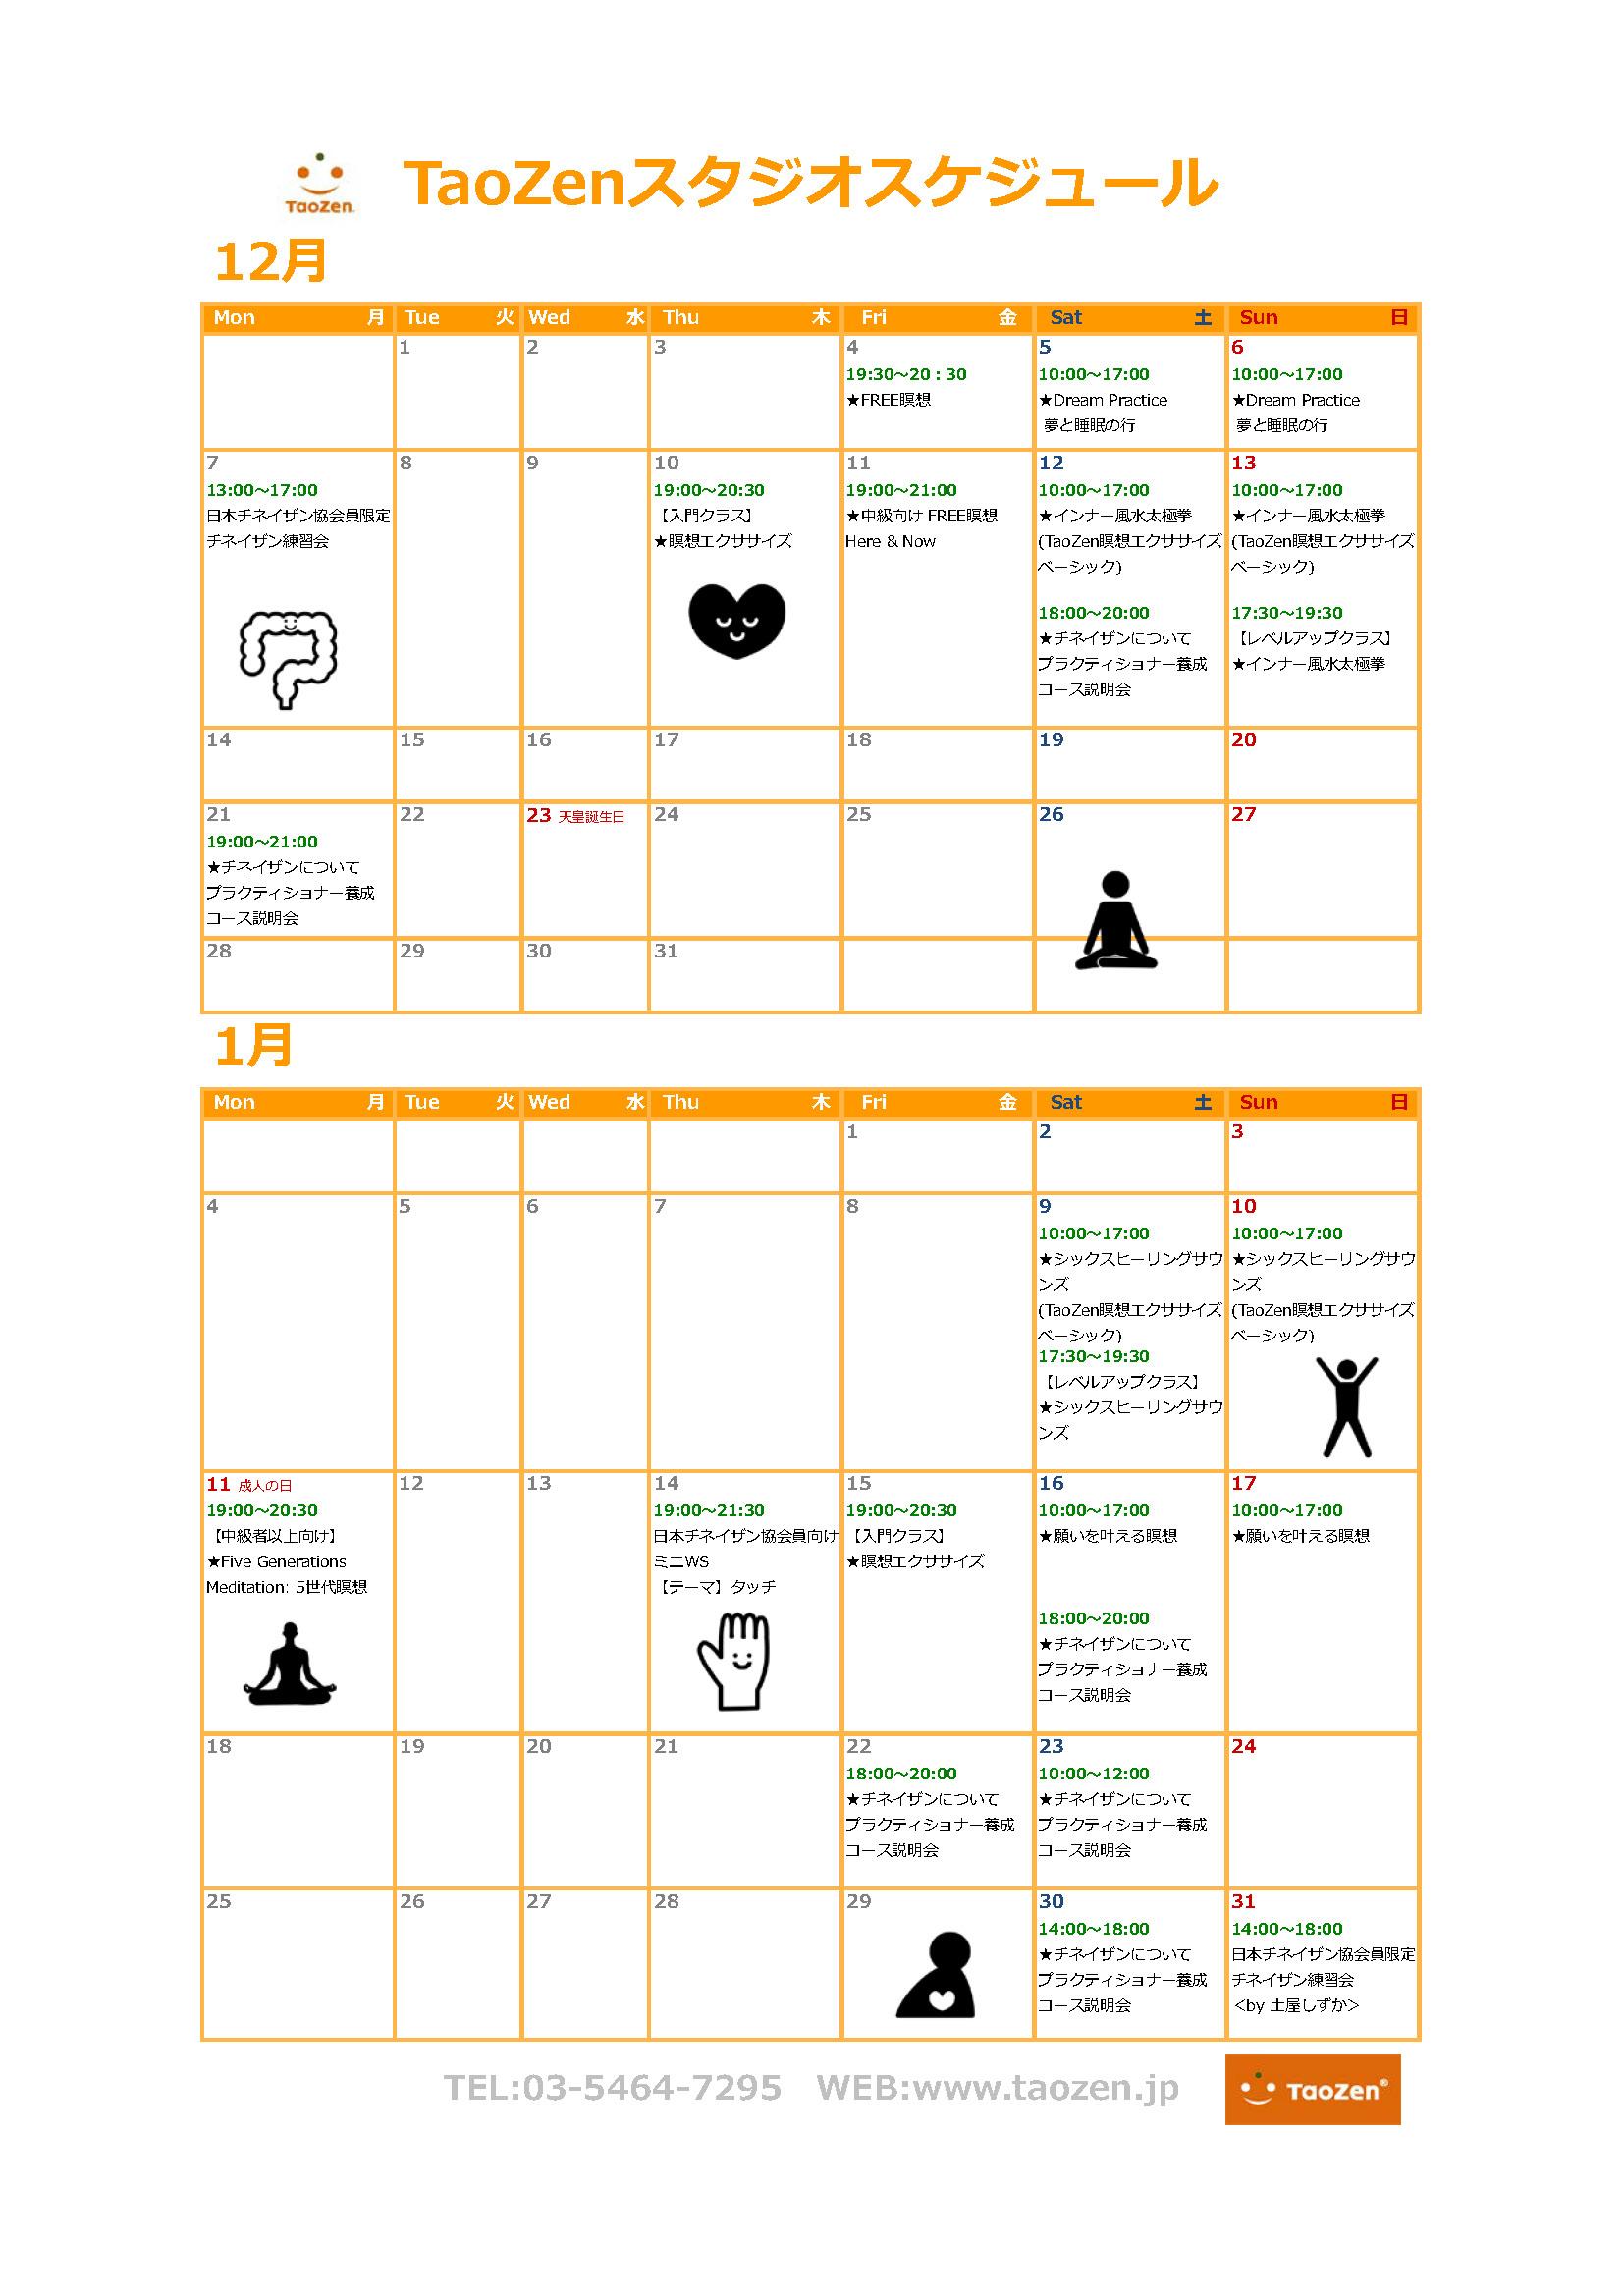 taozen_schedule15_1201